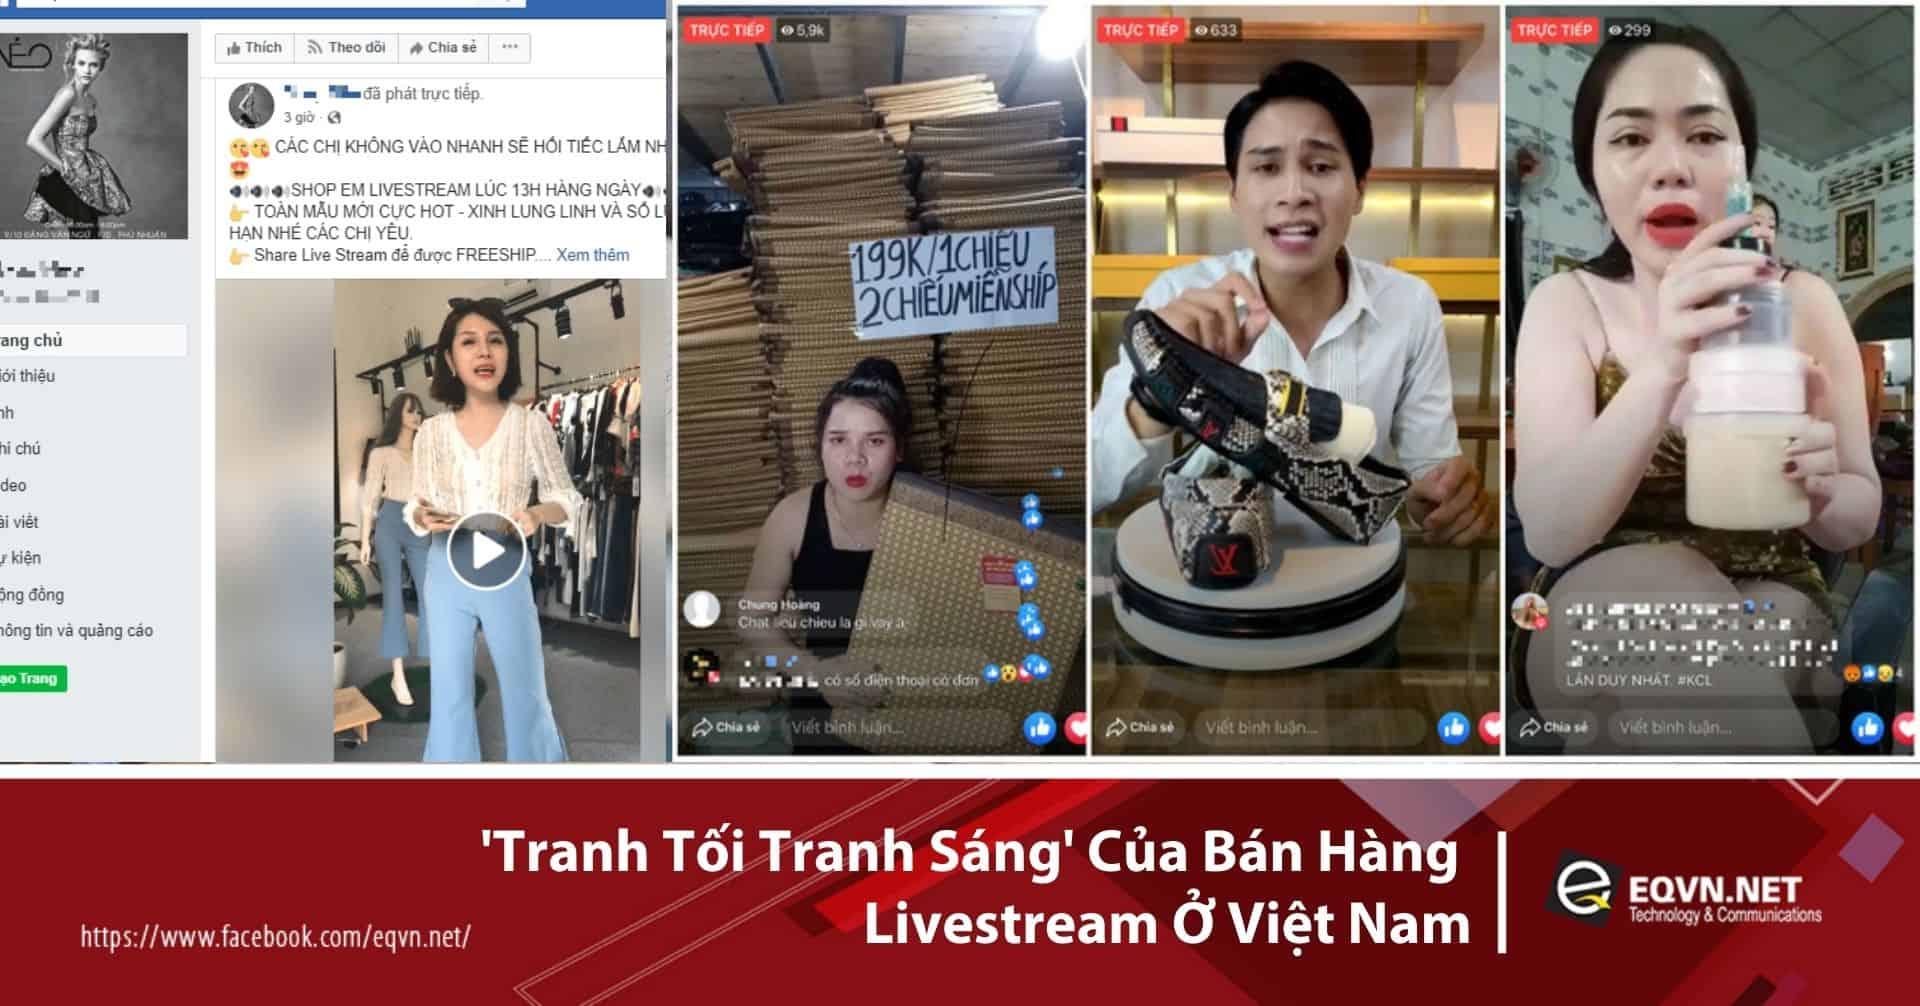 Tranh tối tranh sáng của bán hàng Livestream ở Việt Nam